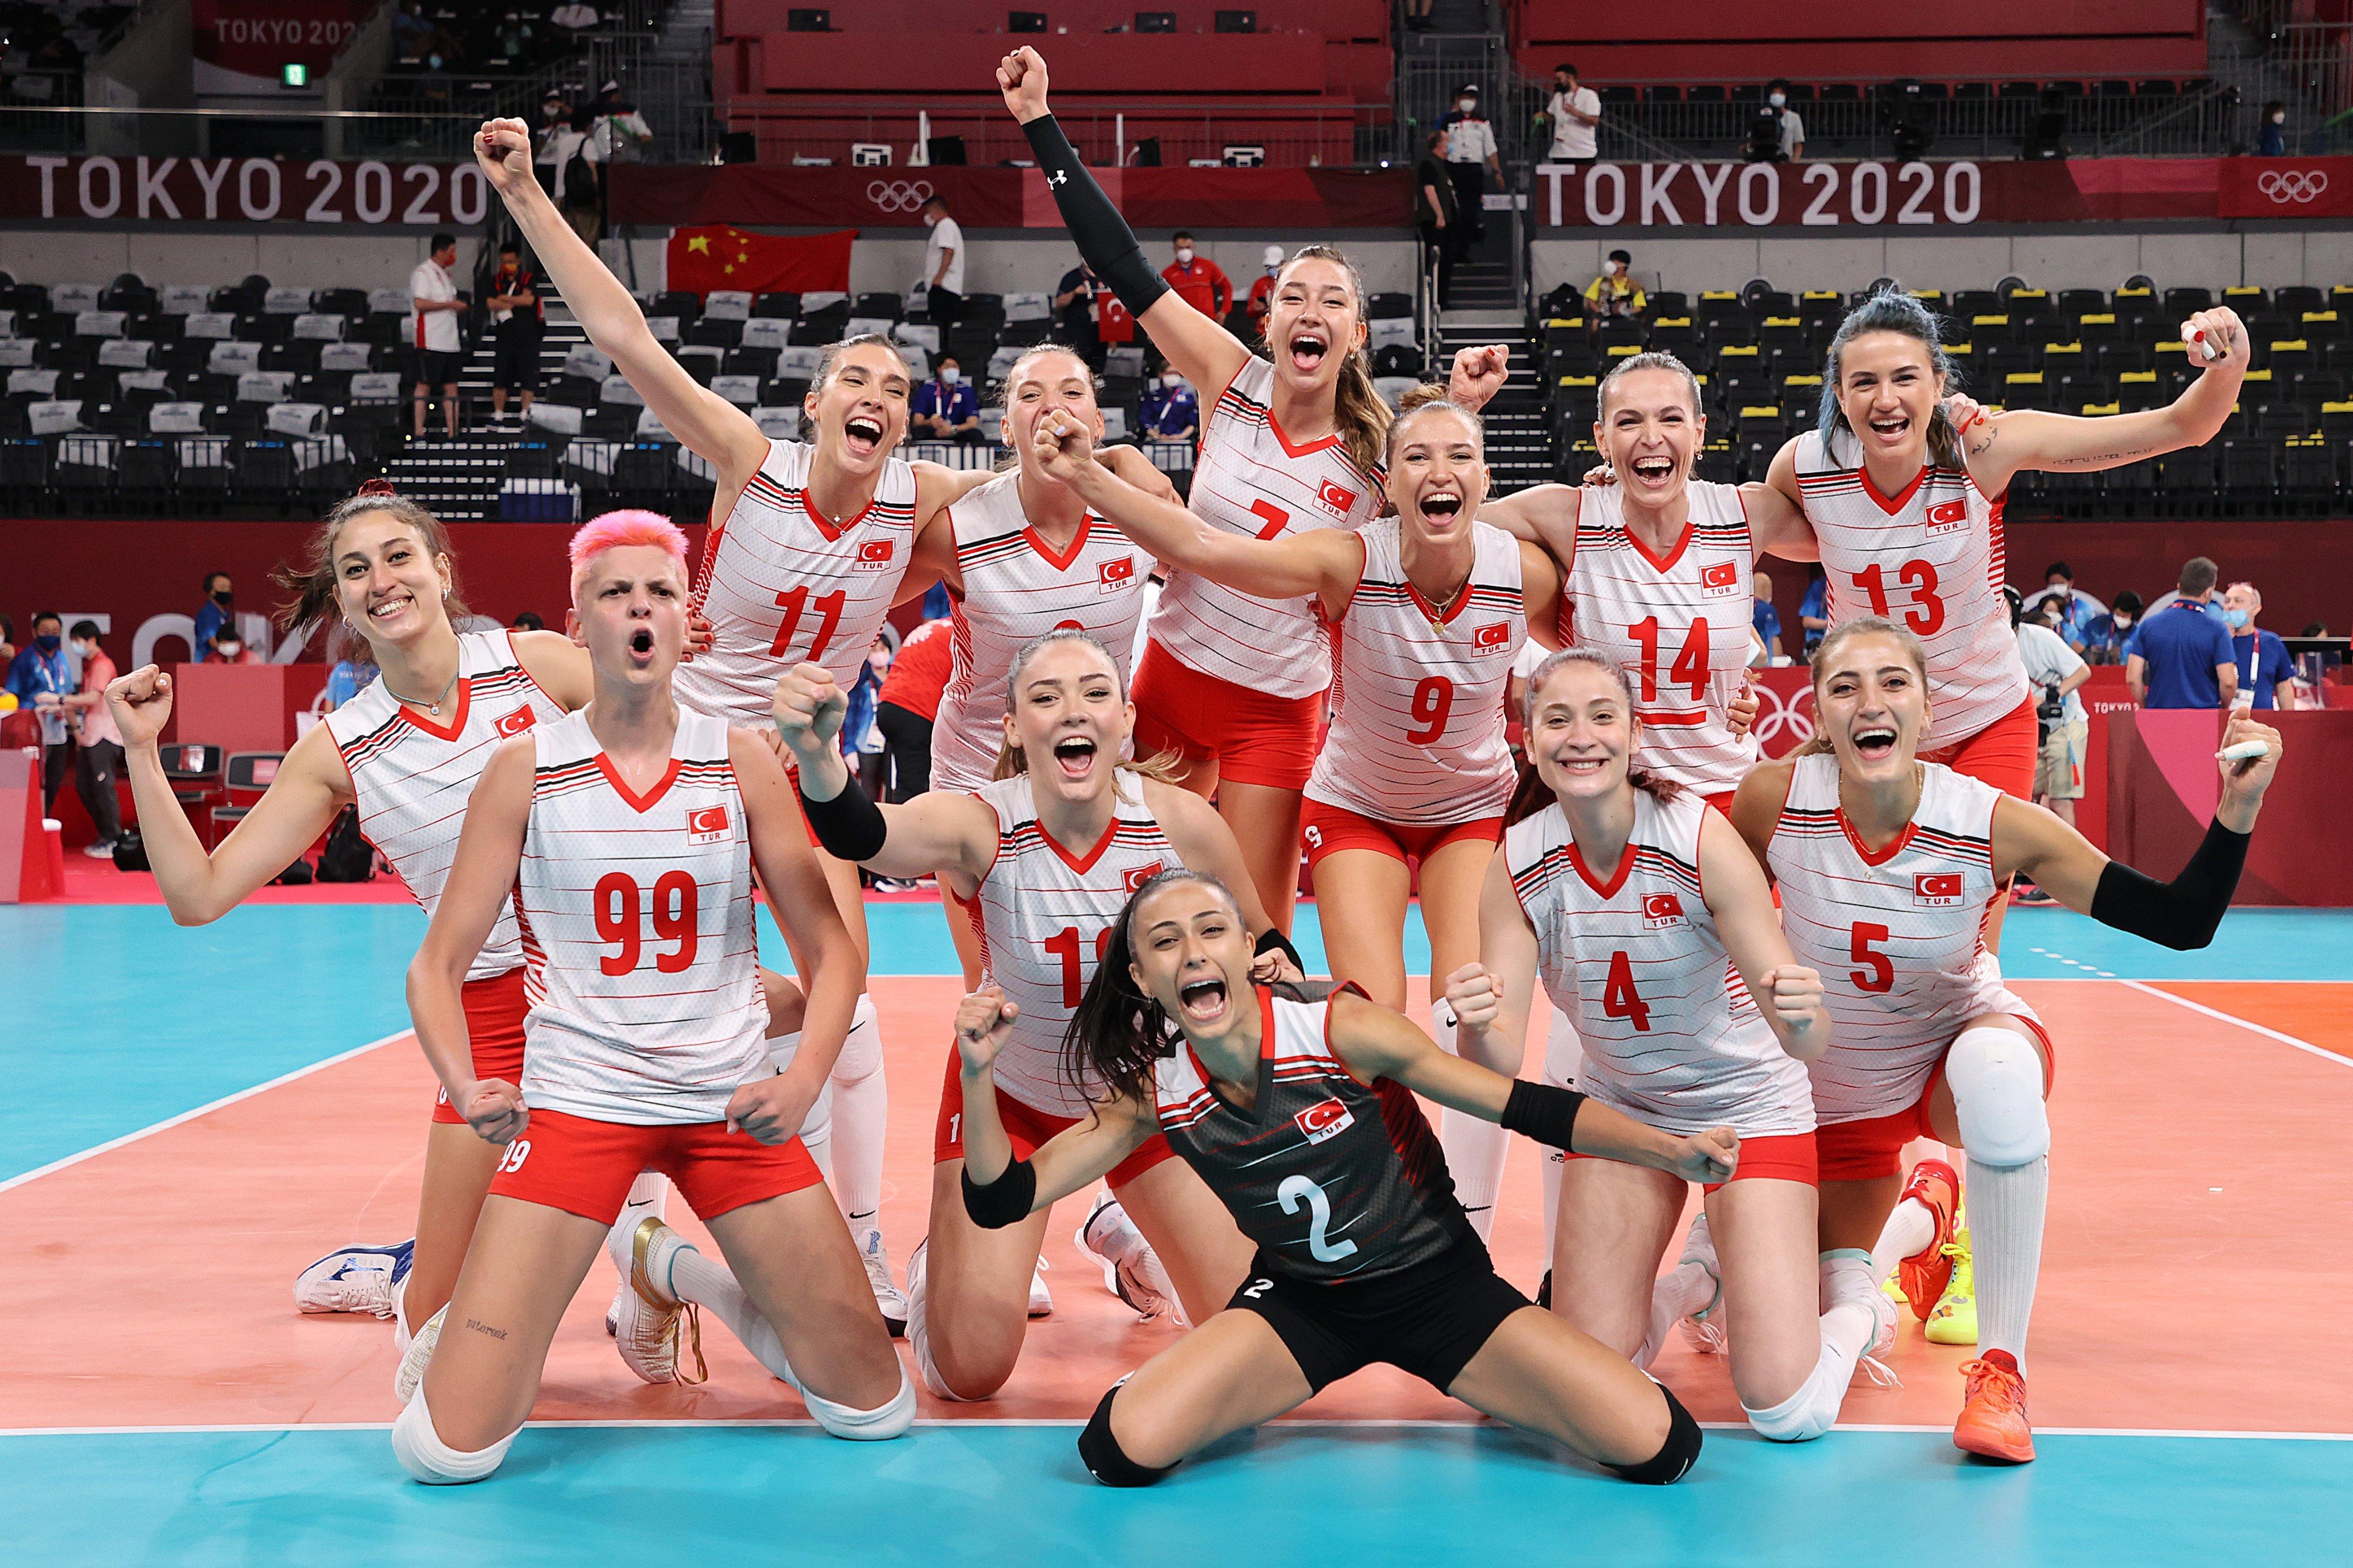 Filenin Sultanları'ndan Tokyo'da Harika Başlangıç: Son Şampiyon Çin'i 3-0 Yendik!